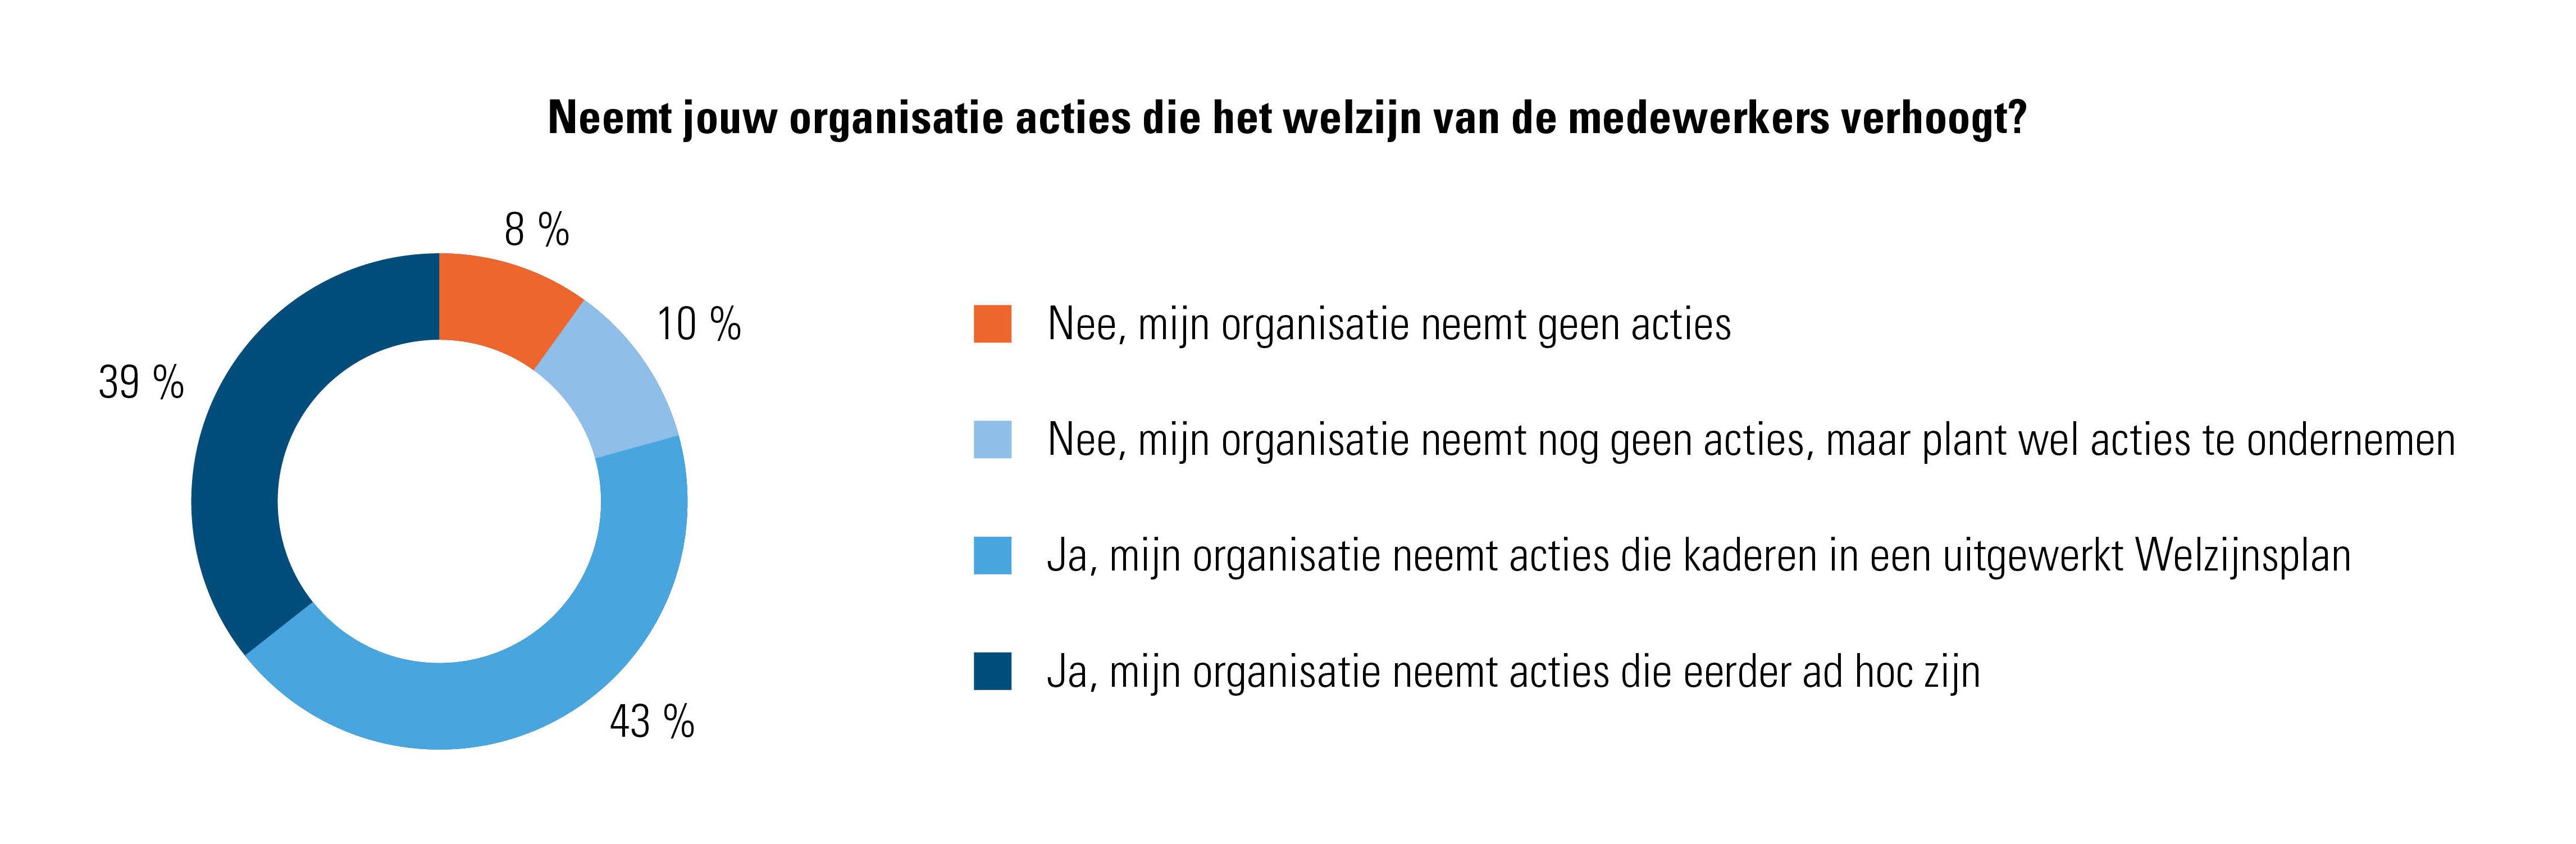 Neemt jouw organisatie acties die het welzijn van de medewerkers verhoogt?